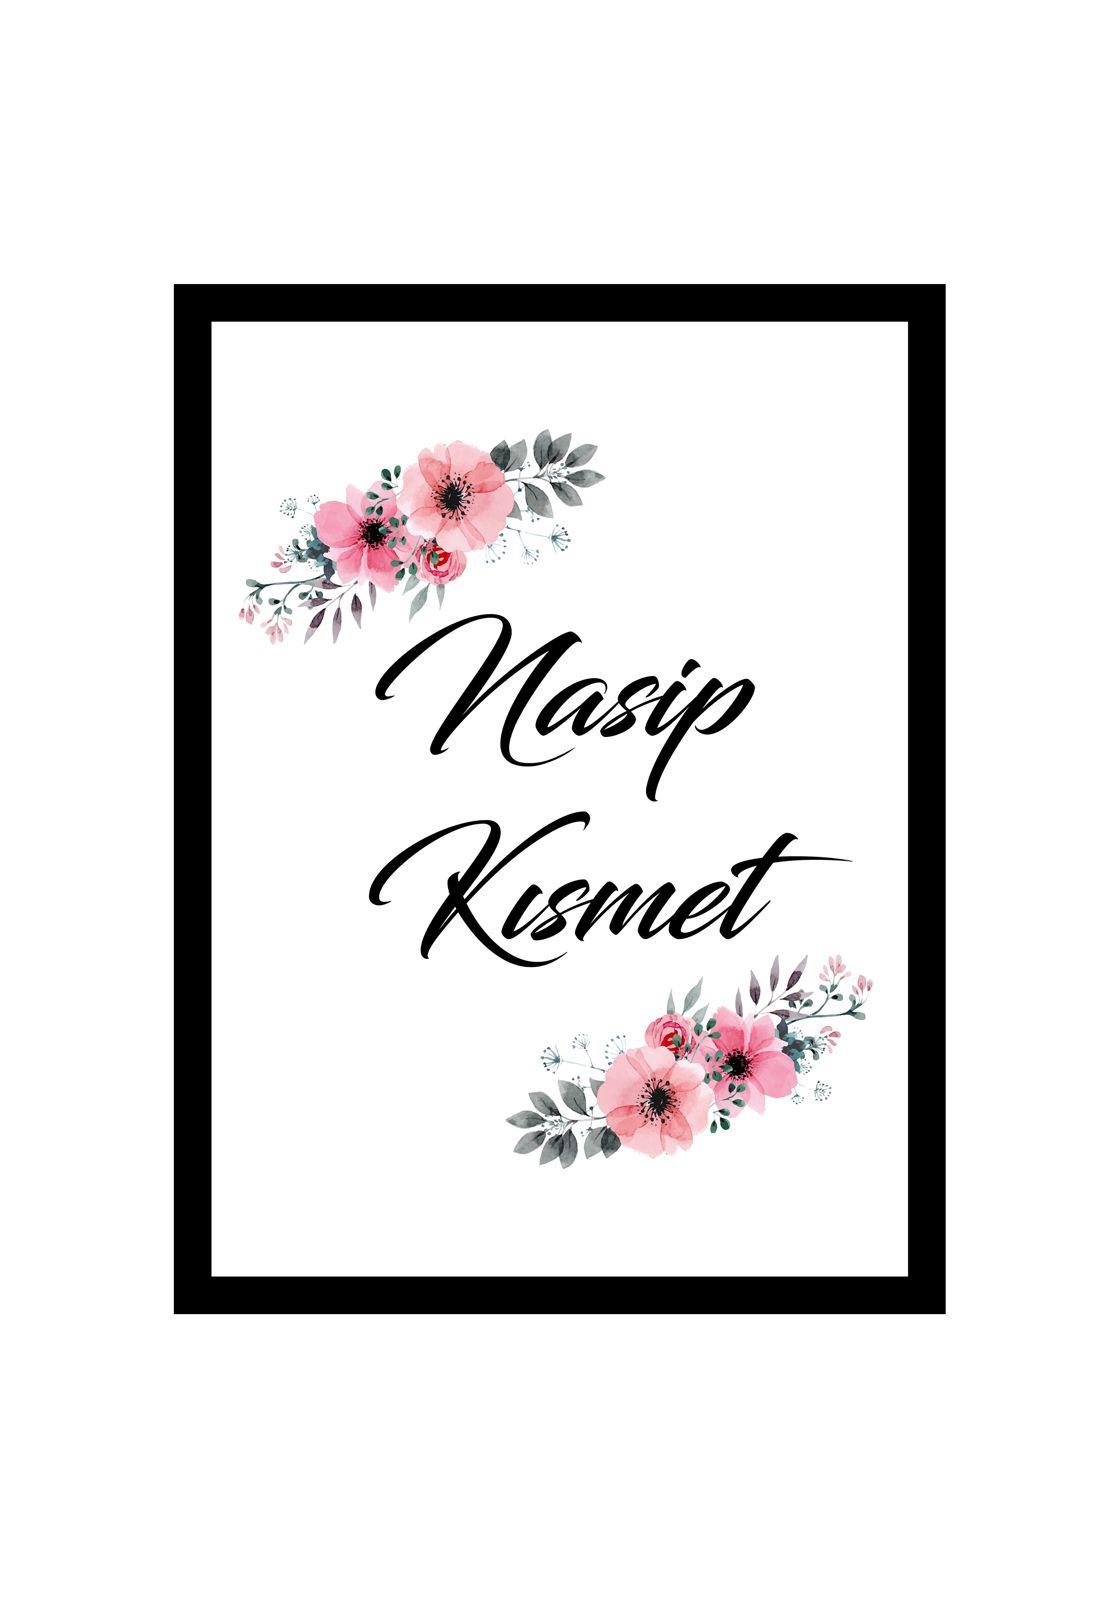 Nasip Kısmet 3_opt